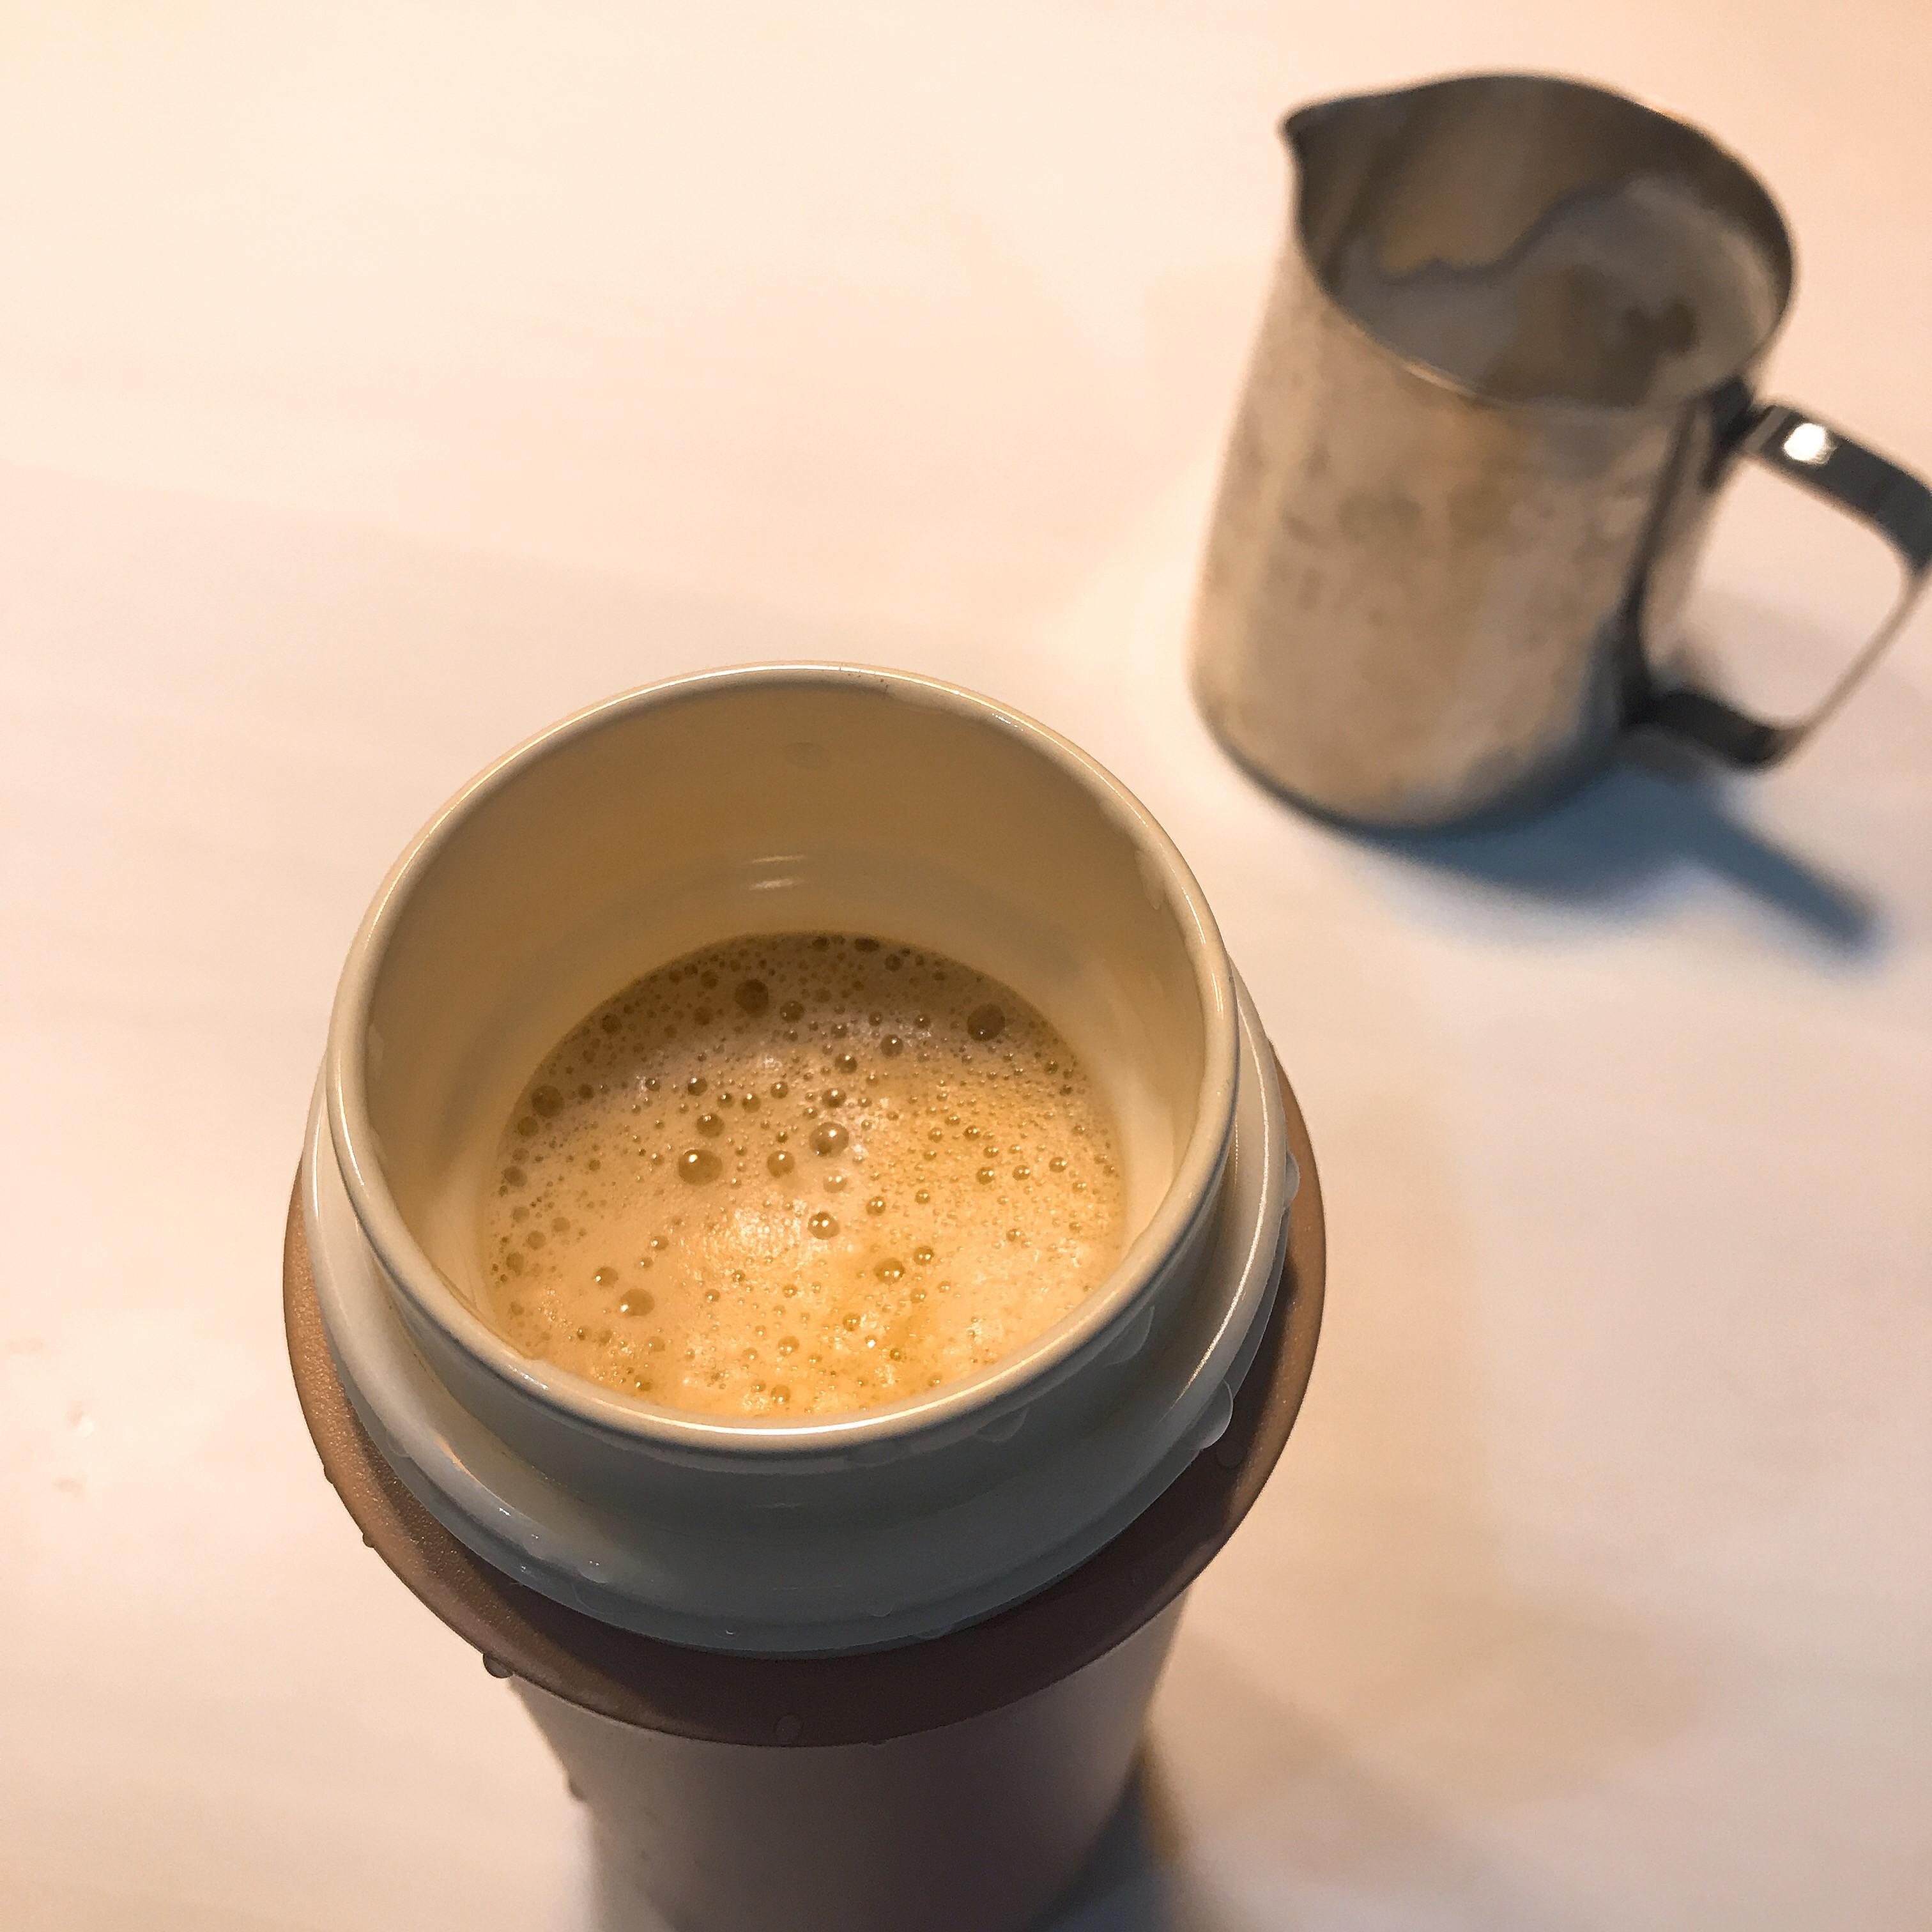 喝拿鐵的隨行杯 - 奇享杯的第 4 張圖片